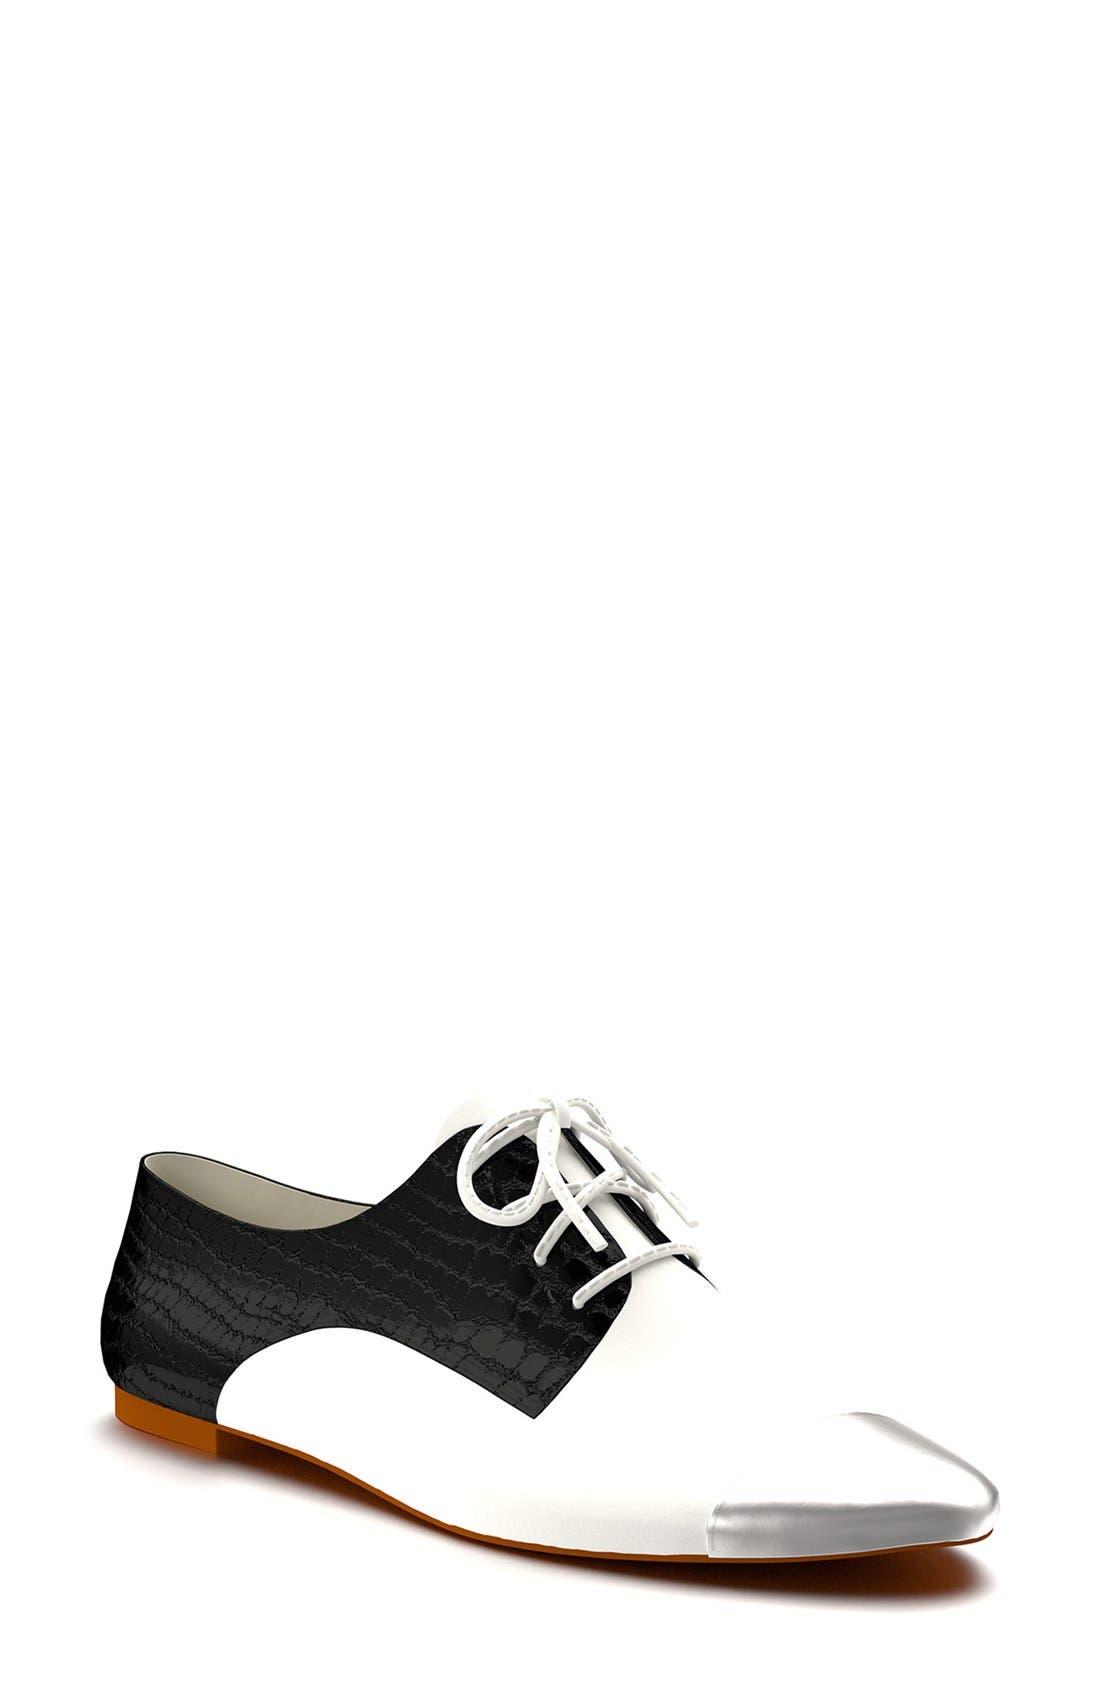 SHOES OF PREY  Cap Toe Oxford, Main, color, 002